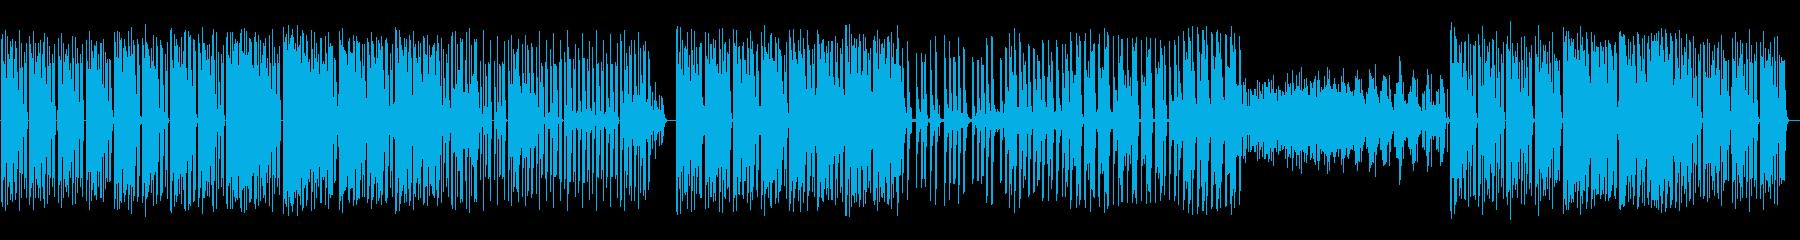 レトロな未来感 テクノポップ 80'sの再生済みの波形